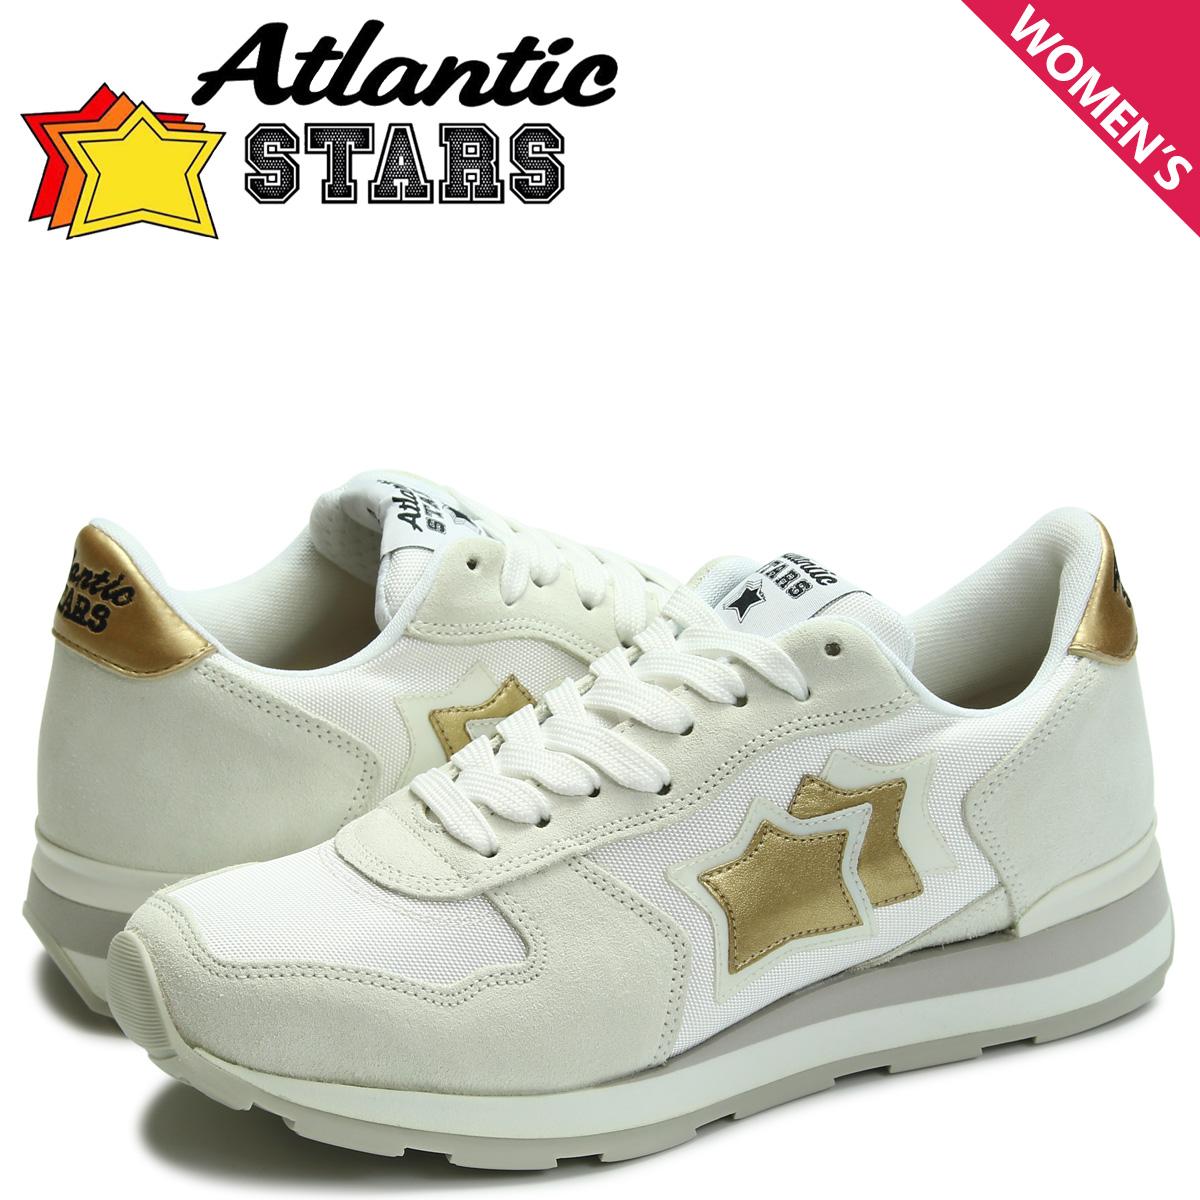 アトランティックスターズ Atlantic STARS ベガ スニーカー レディース VEGA ホワイト BO-86B [4/7 追加入荷]